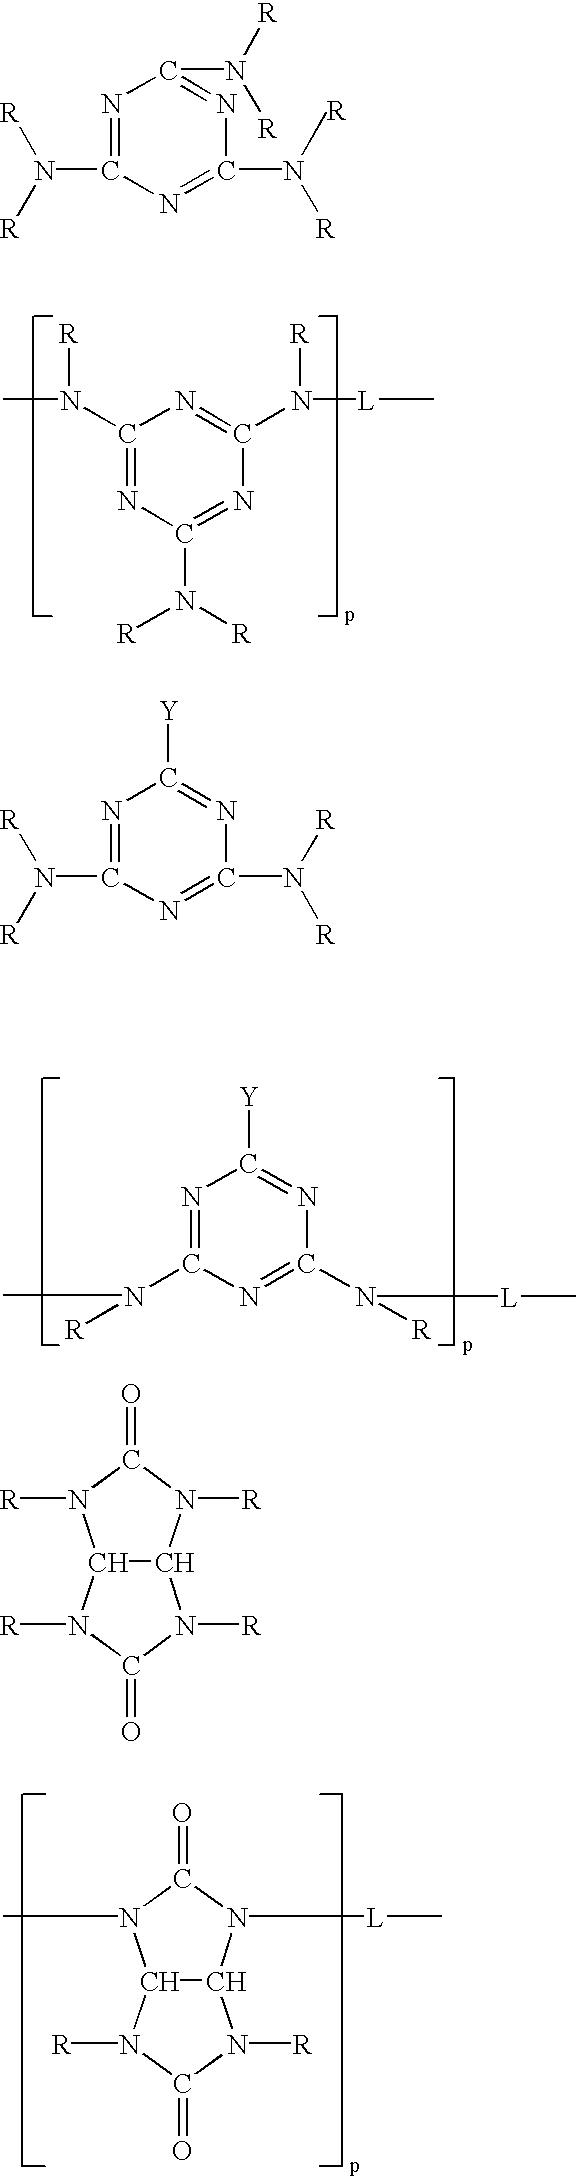 Figure US07122592-20061017-C00046